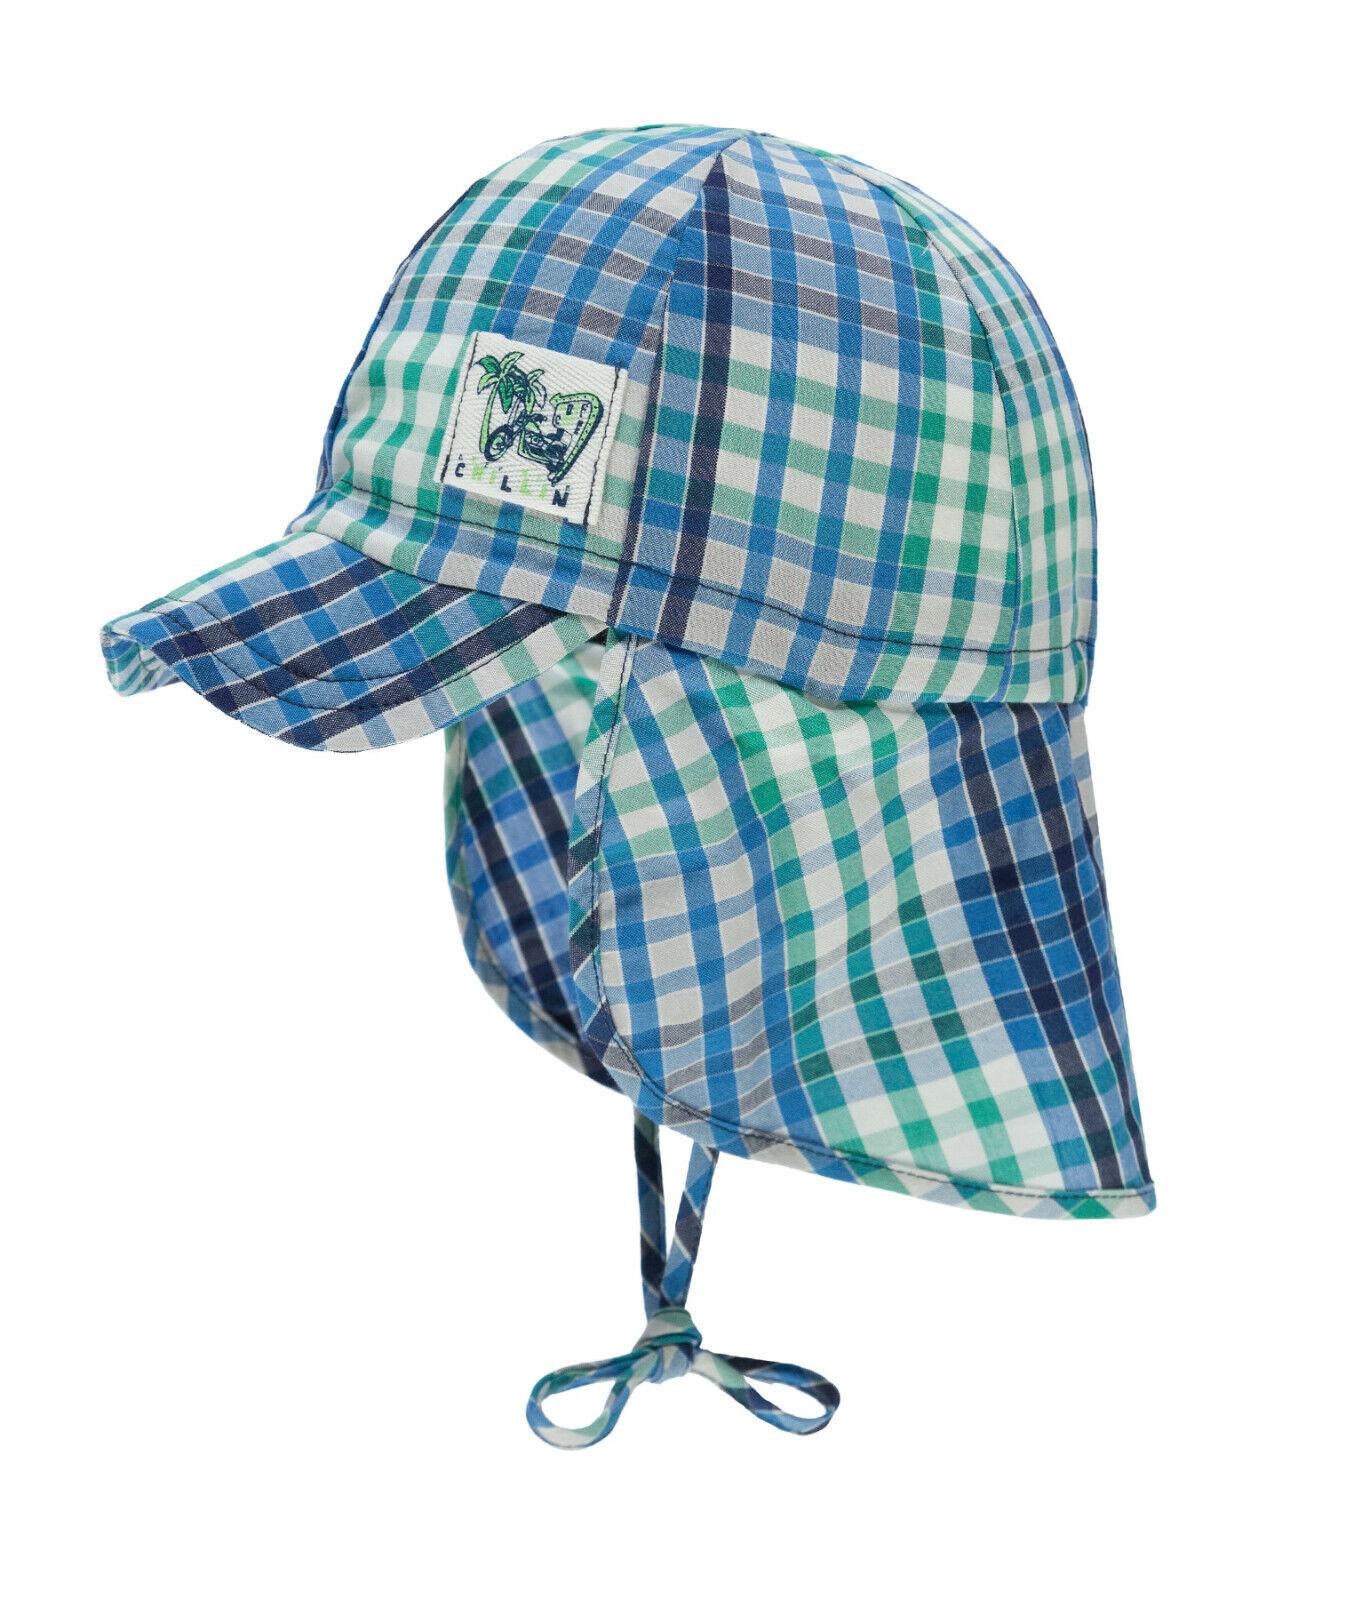 DÖLL® Jungen Sonnenhut Hut Schirm Nackenschutz Mütze Karo 47-55 Sommer 2019 NEU!